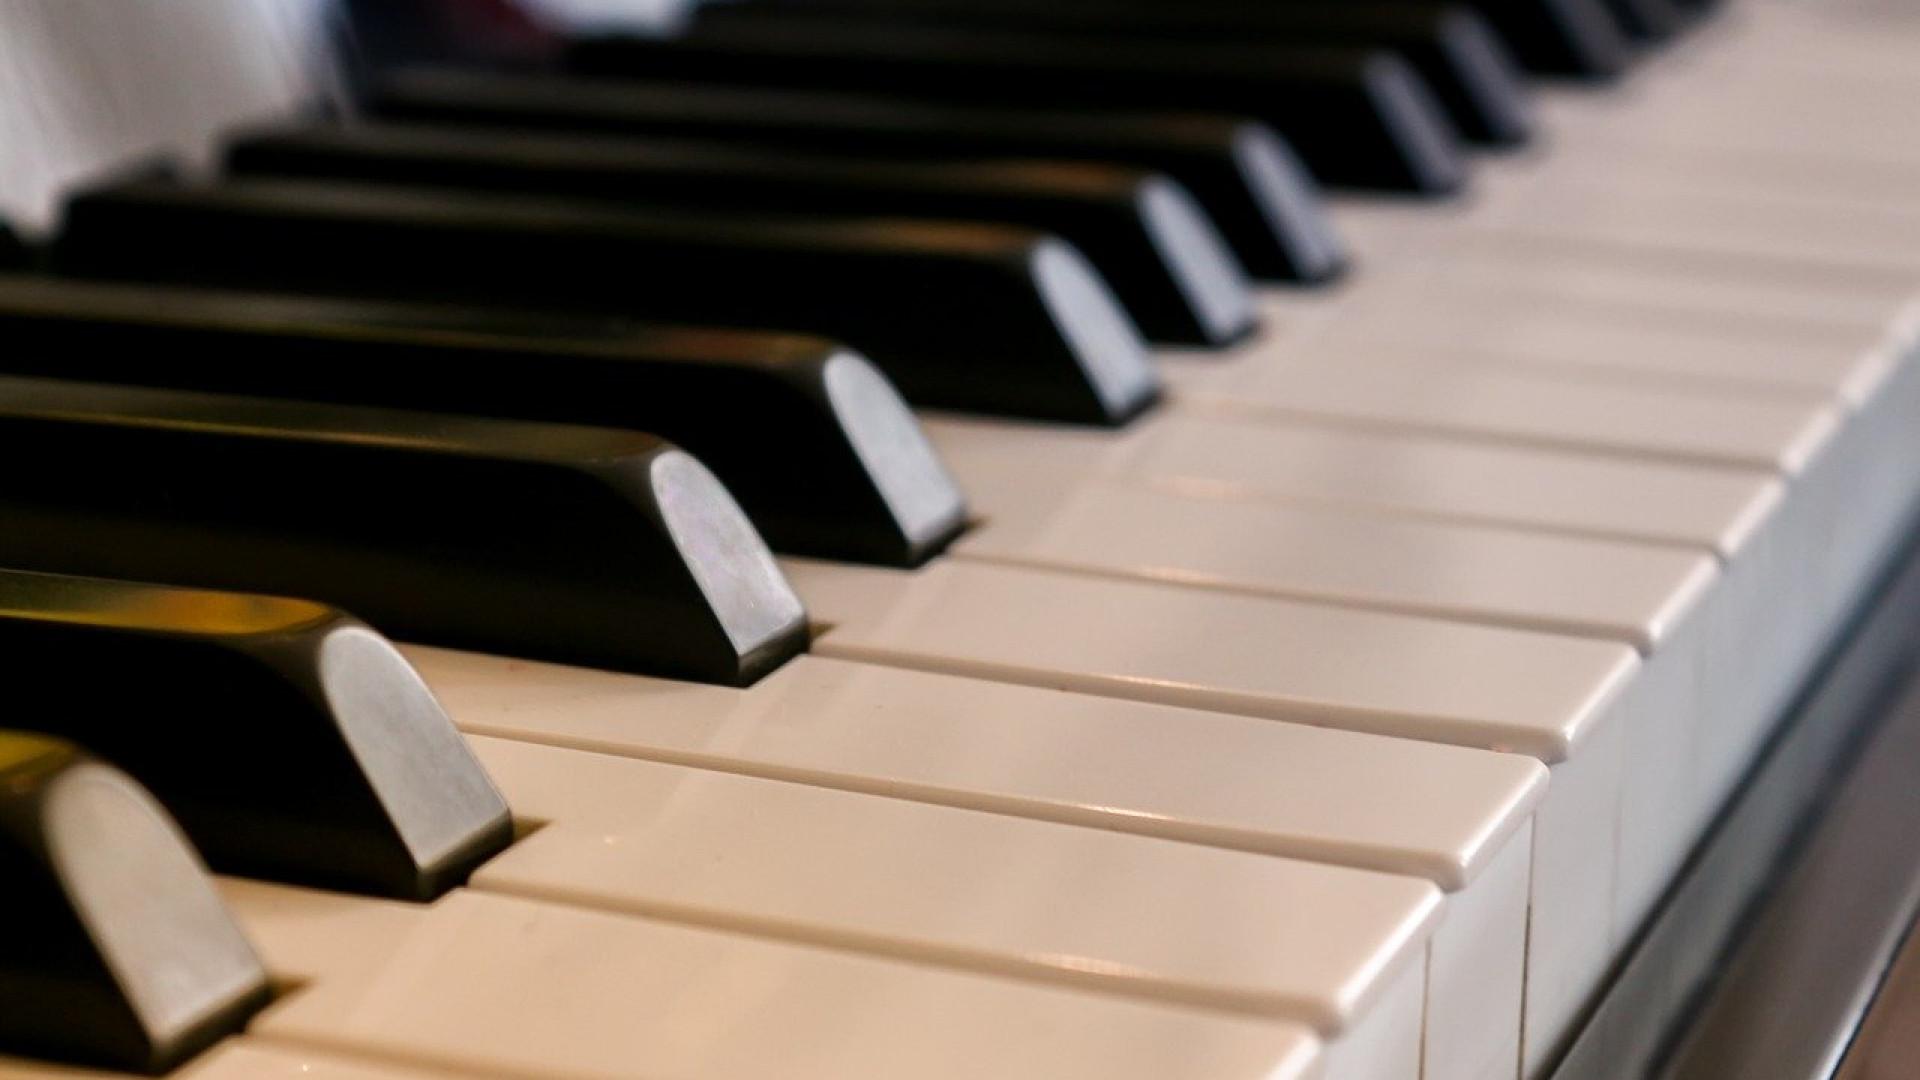 Piano numérique : comment choisir un modèle débutant ?